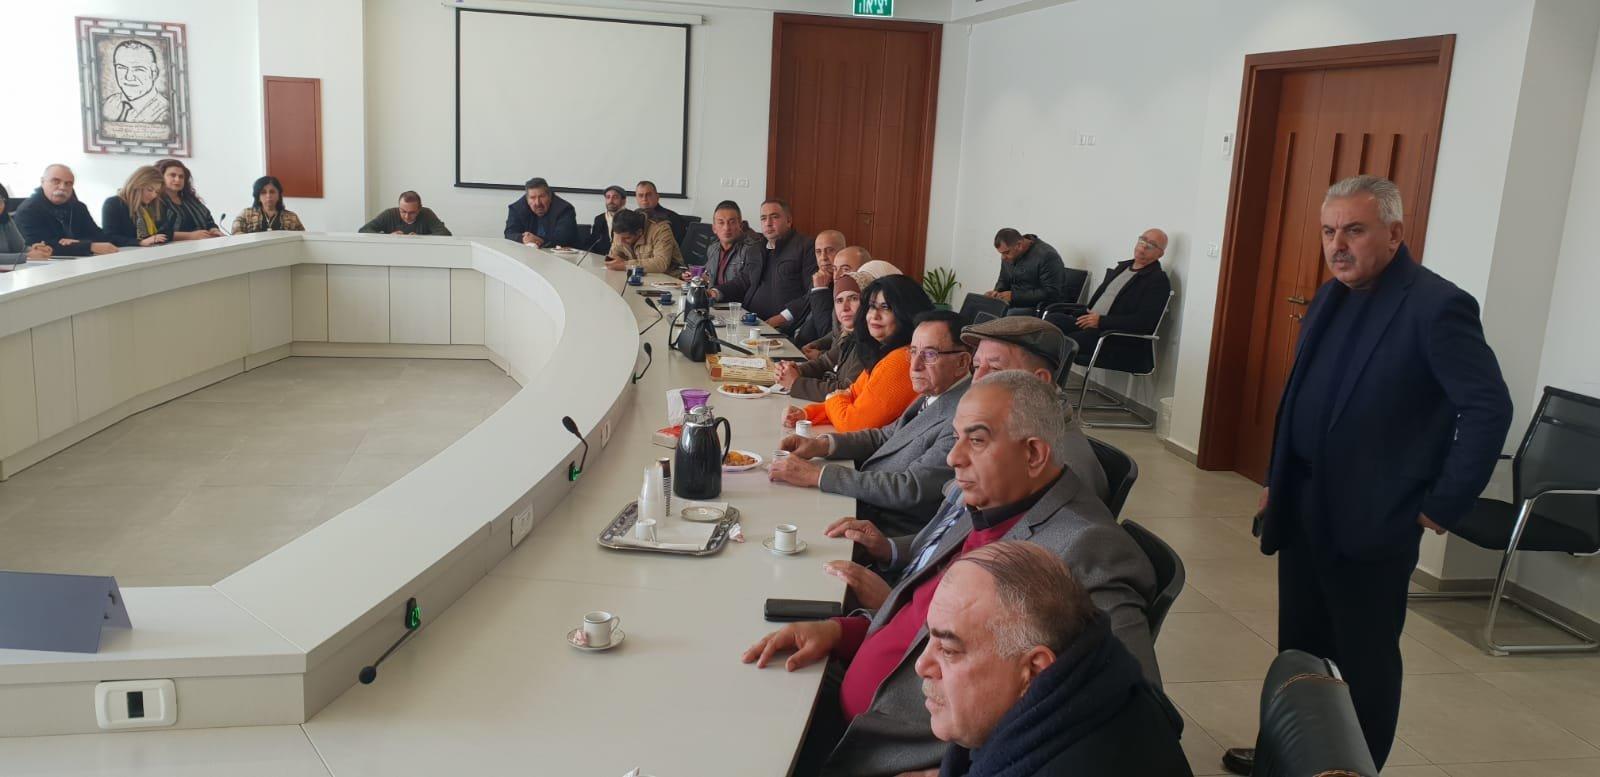 رئيس بلدية جنين فايز السعدي وأعضاء بلدية يزورون بلدية الناصرة-14